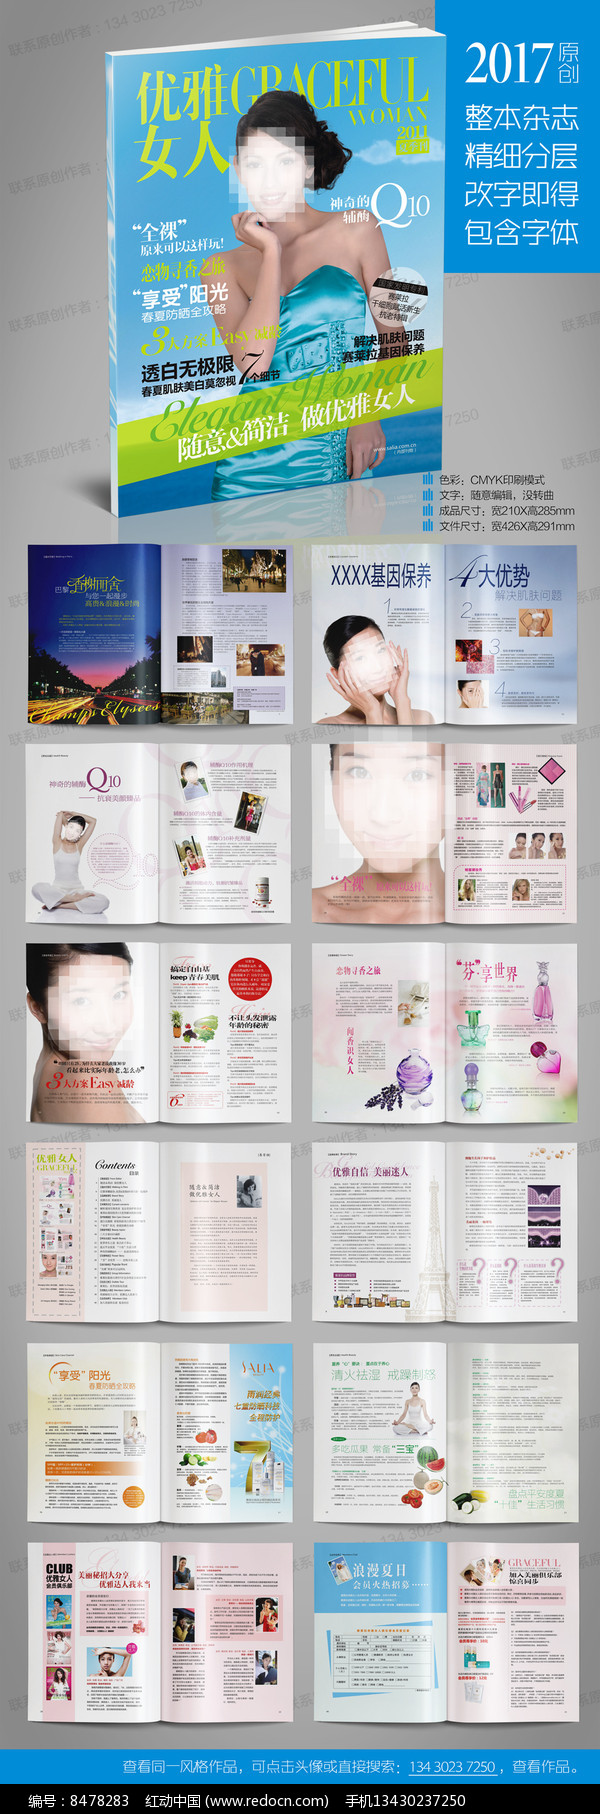 化妆品护肤品医院杂志期刊排版图片